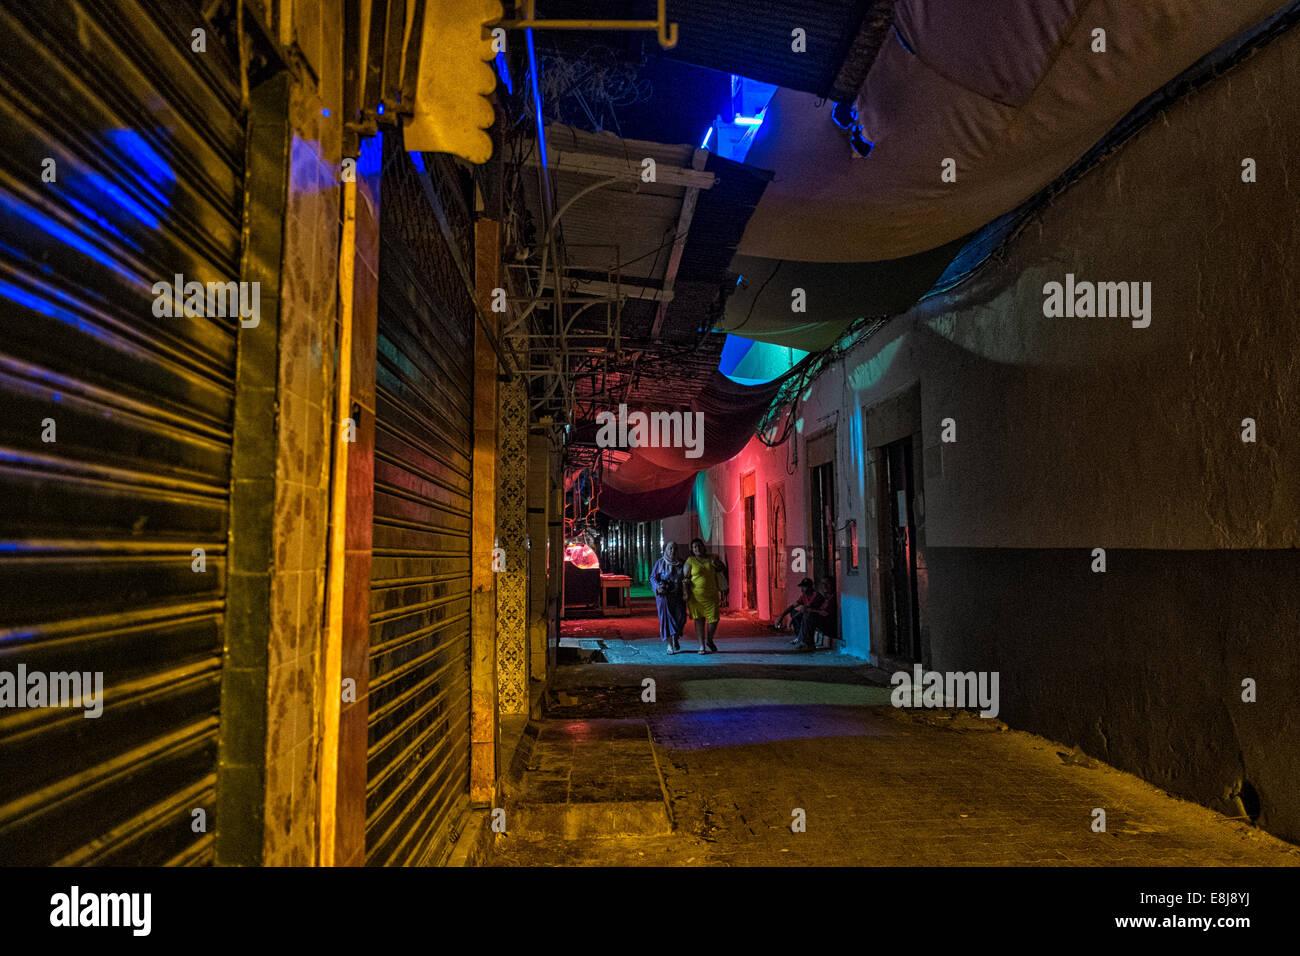 Su ambiente nocturno durante el Ramadán en Halfaouine barrio en Túnez. Imagen De Stock